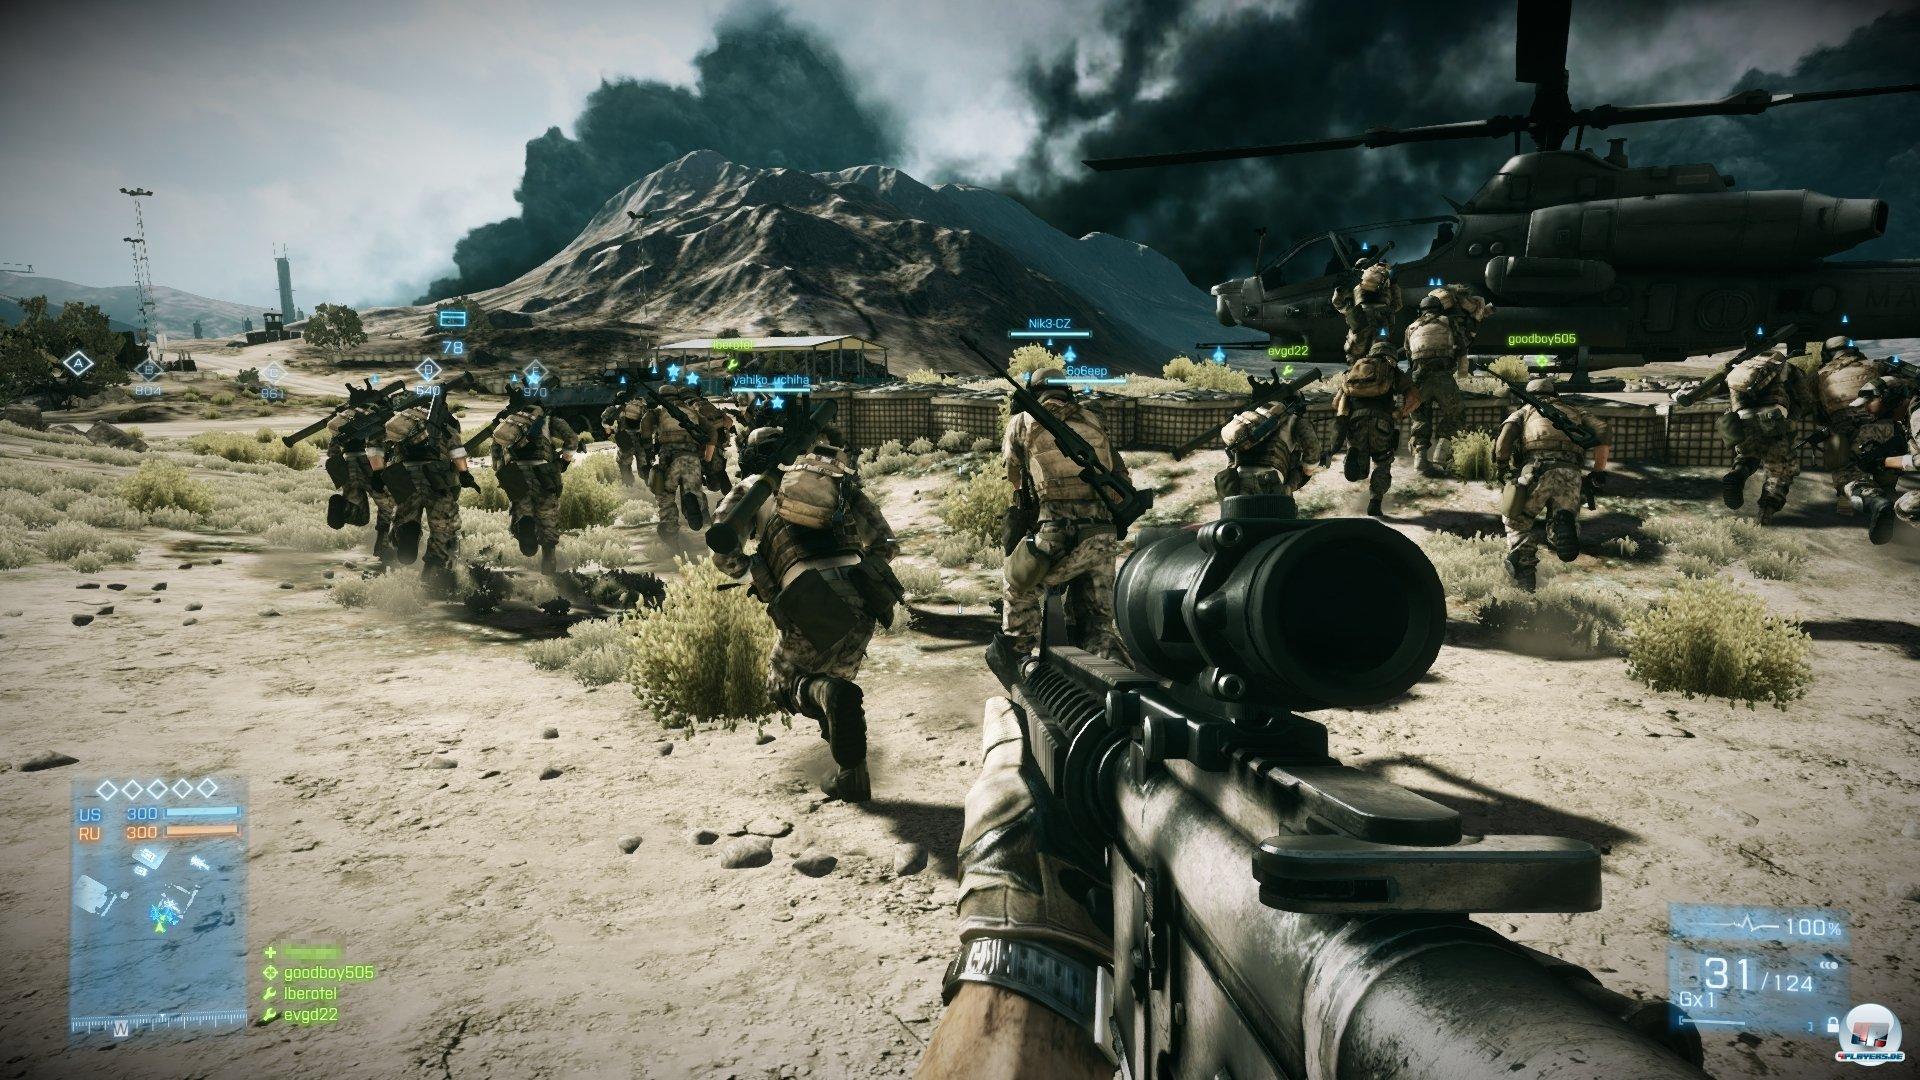 Das ist das wahre Battlefield-Gefühl: Zum Start einer Eroberungs-Runde rennen auf dem PC Spielermassen drauflos! Auf den Konsolen sind 40 Teilnehmer weniger erlaubt, was sich spürbar auf den Schlachtspaß auswirkt.